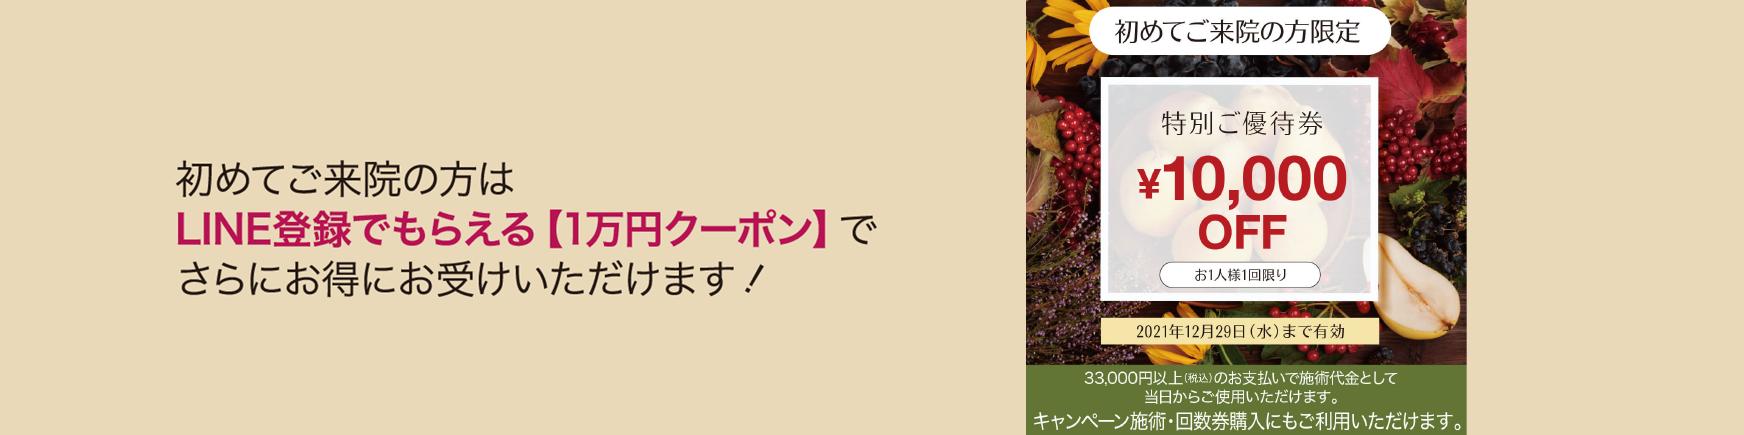 初めてご来院の方はLINE登録でもらえる【1万円クーポン】でさらにお得にお受けいただけます!